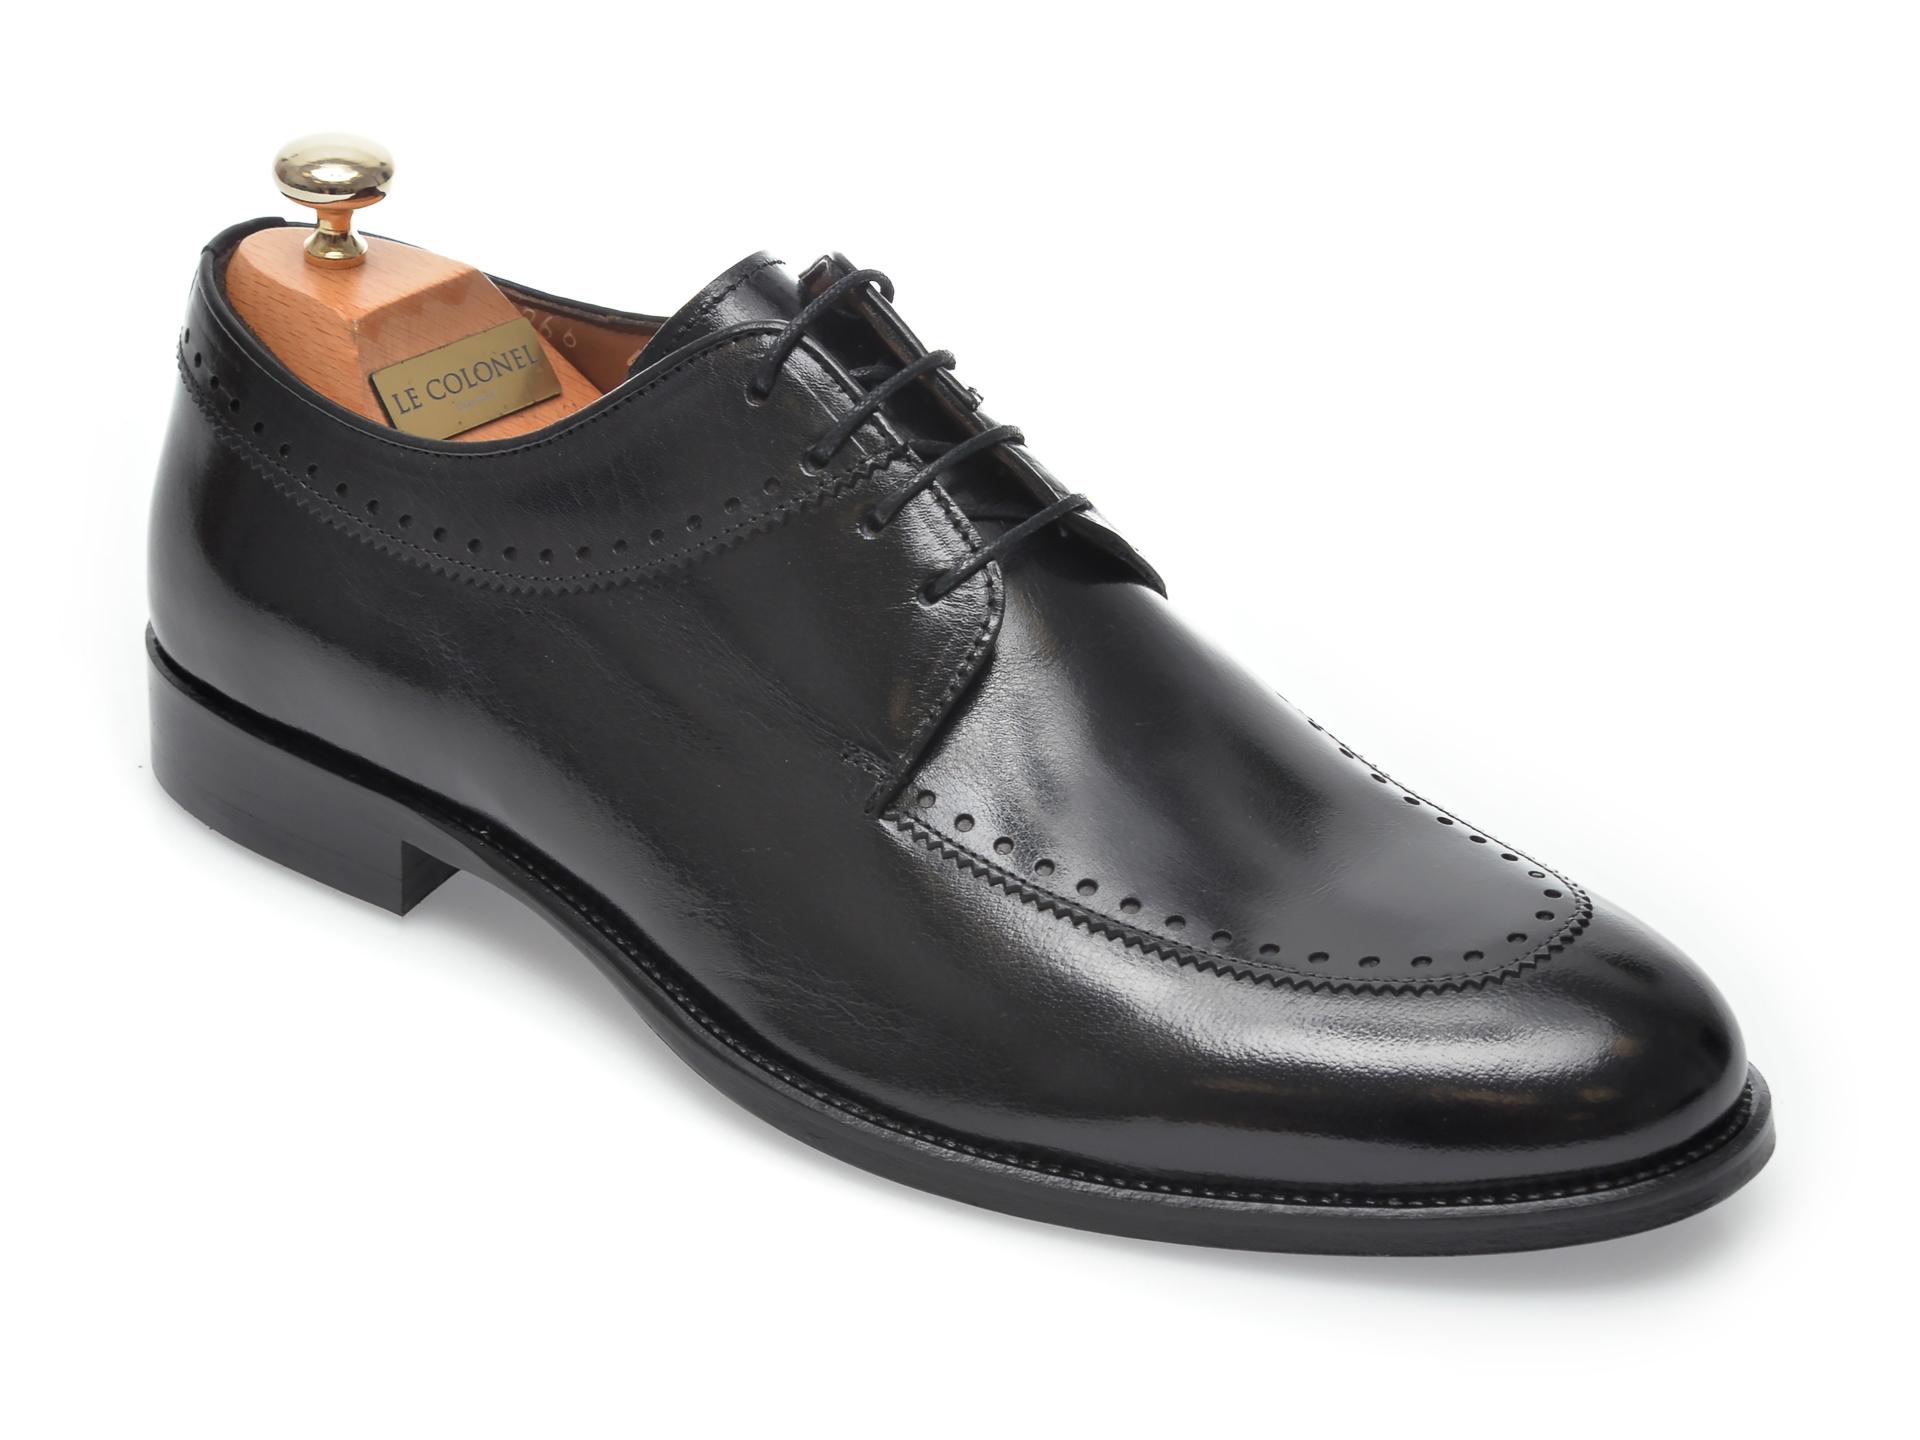 Pantofi LE COLONEL negri, 45266, din piele naturala imagine otter.ro 2021